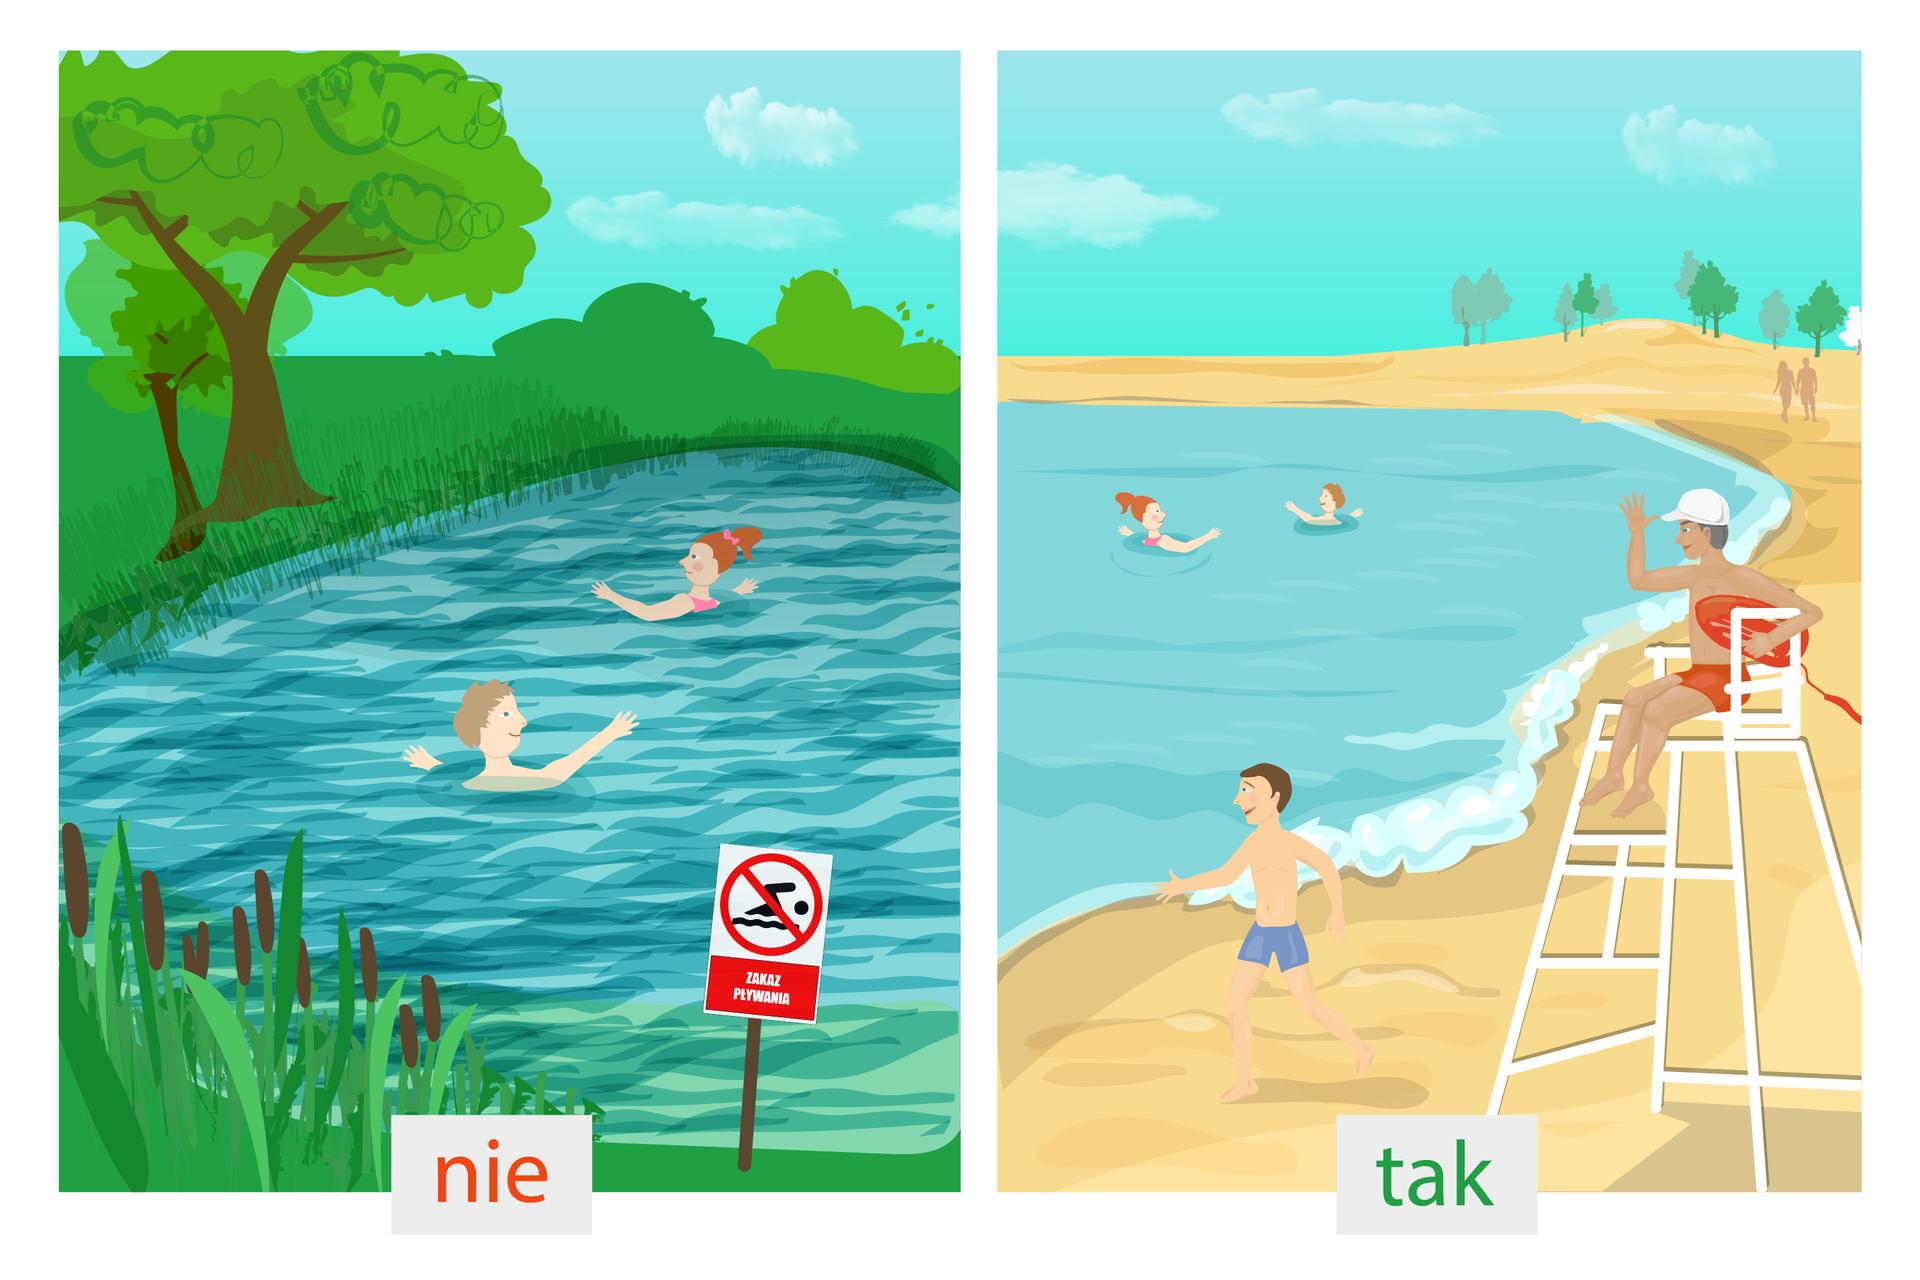 """Seria czterech grafik różnych miejsc zabawy, rozmieszczone parami. Każdy rysunek po lewej stronie przedstawia sytuację negatywną ima czerwony napis """"NIE"""", apo prawej stronie ukazują sytuacje pozytywną imają zielony napis """"TAK"""". Na rysunku pierwszym widać po lewej stronie dzieci kąpiące się nad rzeką, widoczny znak zakazu kąpieli. Po prawej stronie dzieci kąpiące się na basenie wobecności ratownika."""